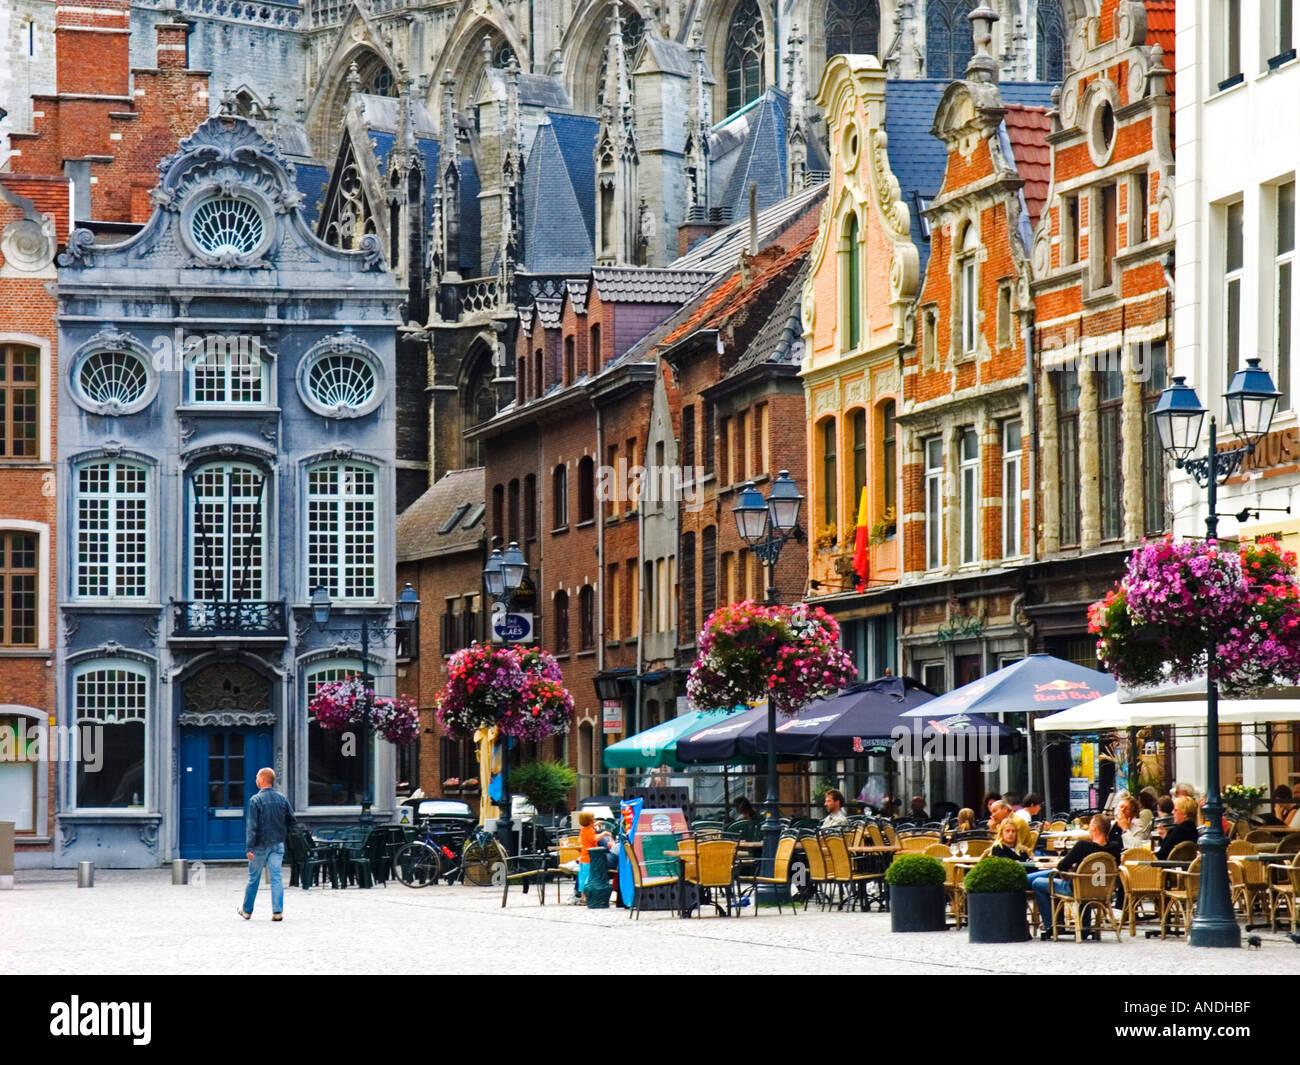 Grote Markt Antwerp Belgium